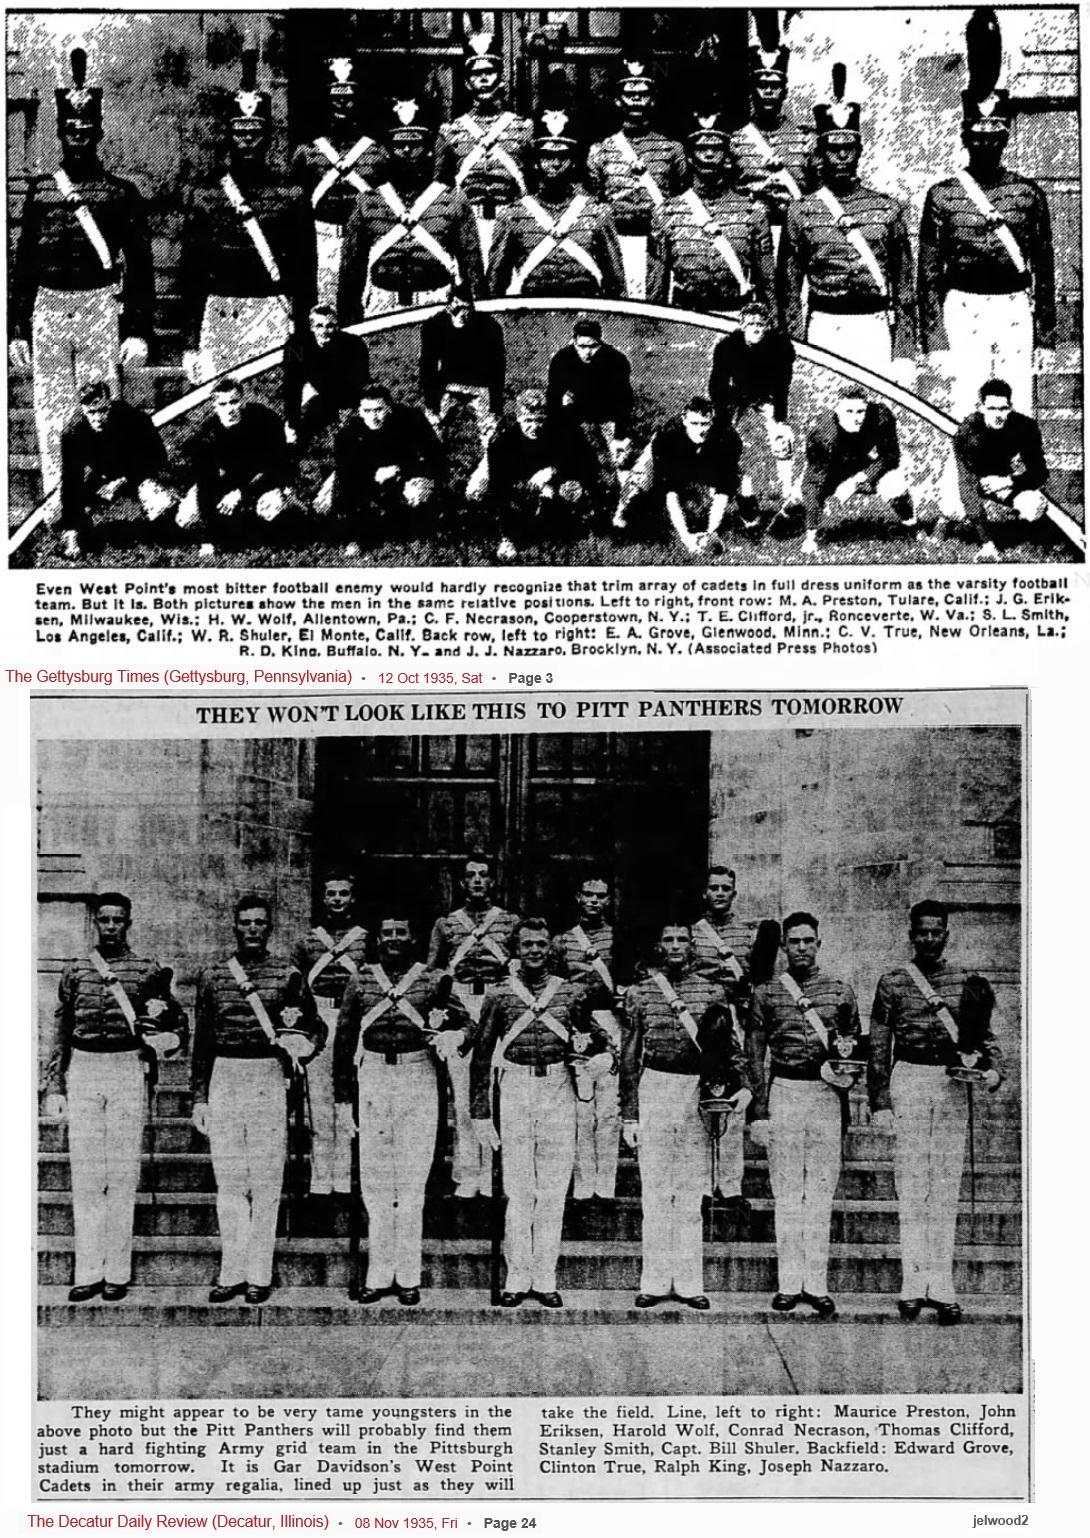 armyfb_1935_army-team_gettysburgtimes_oct121935